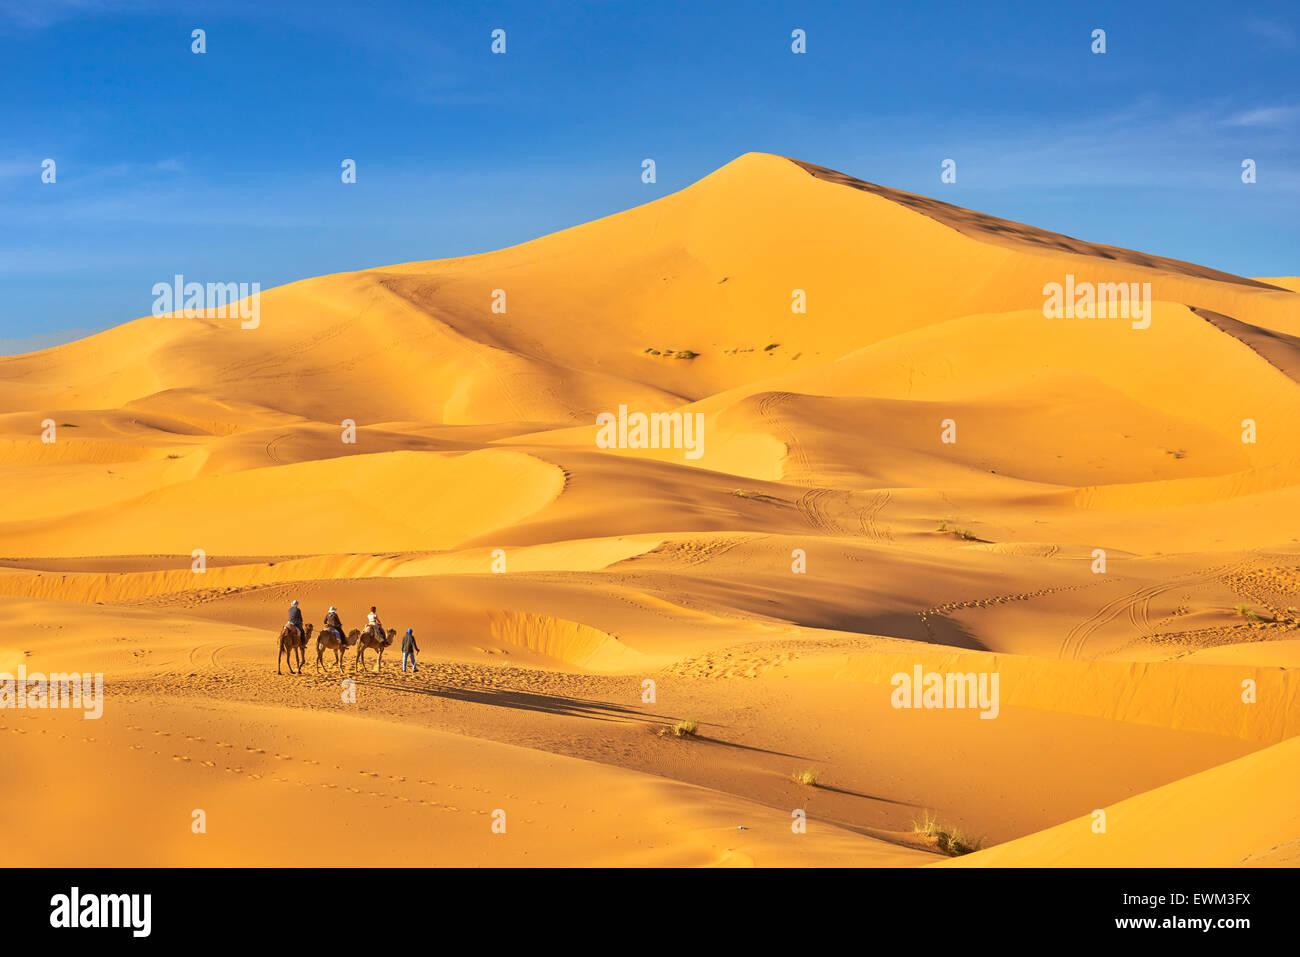 Camel caravan, Erg Chebbi desert near Merzouga, Sahara, Morocco - Stock Image